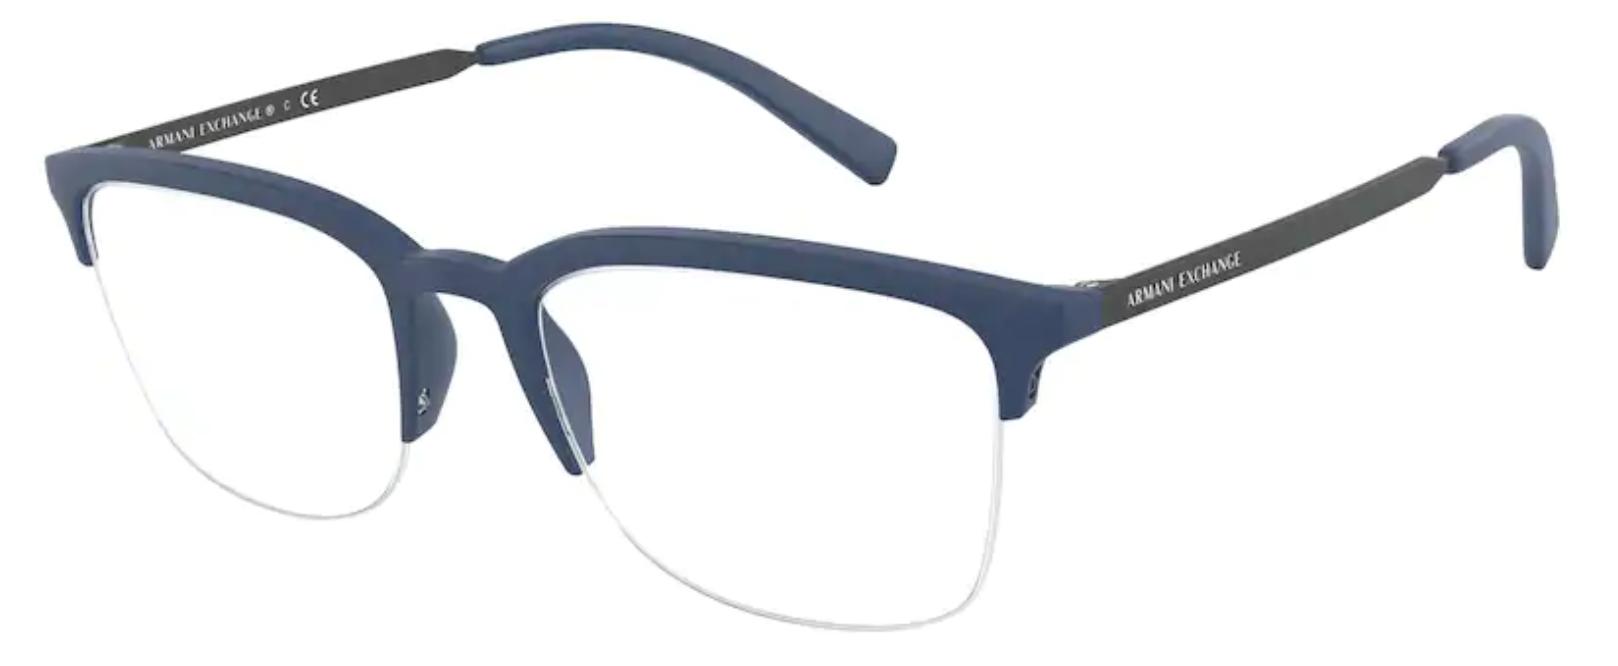 Óculos de Grau Armani Exchange AX 3066 8293 Tam.54